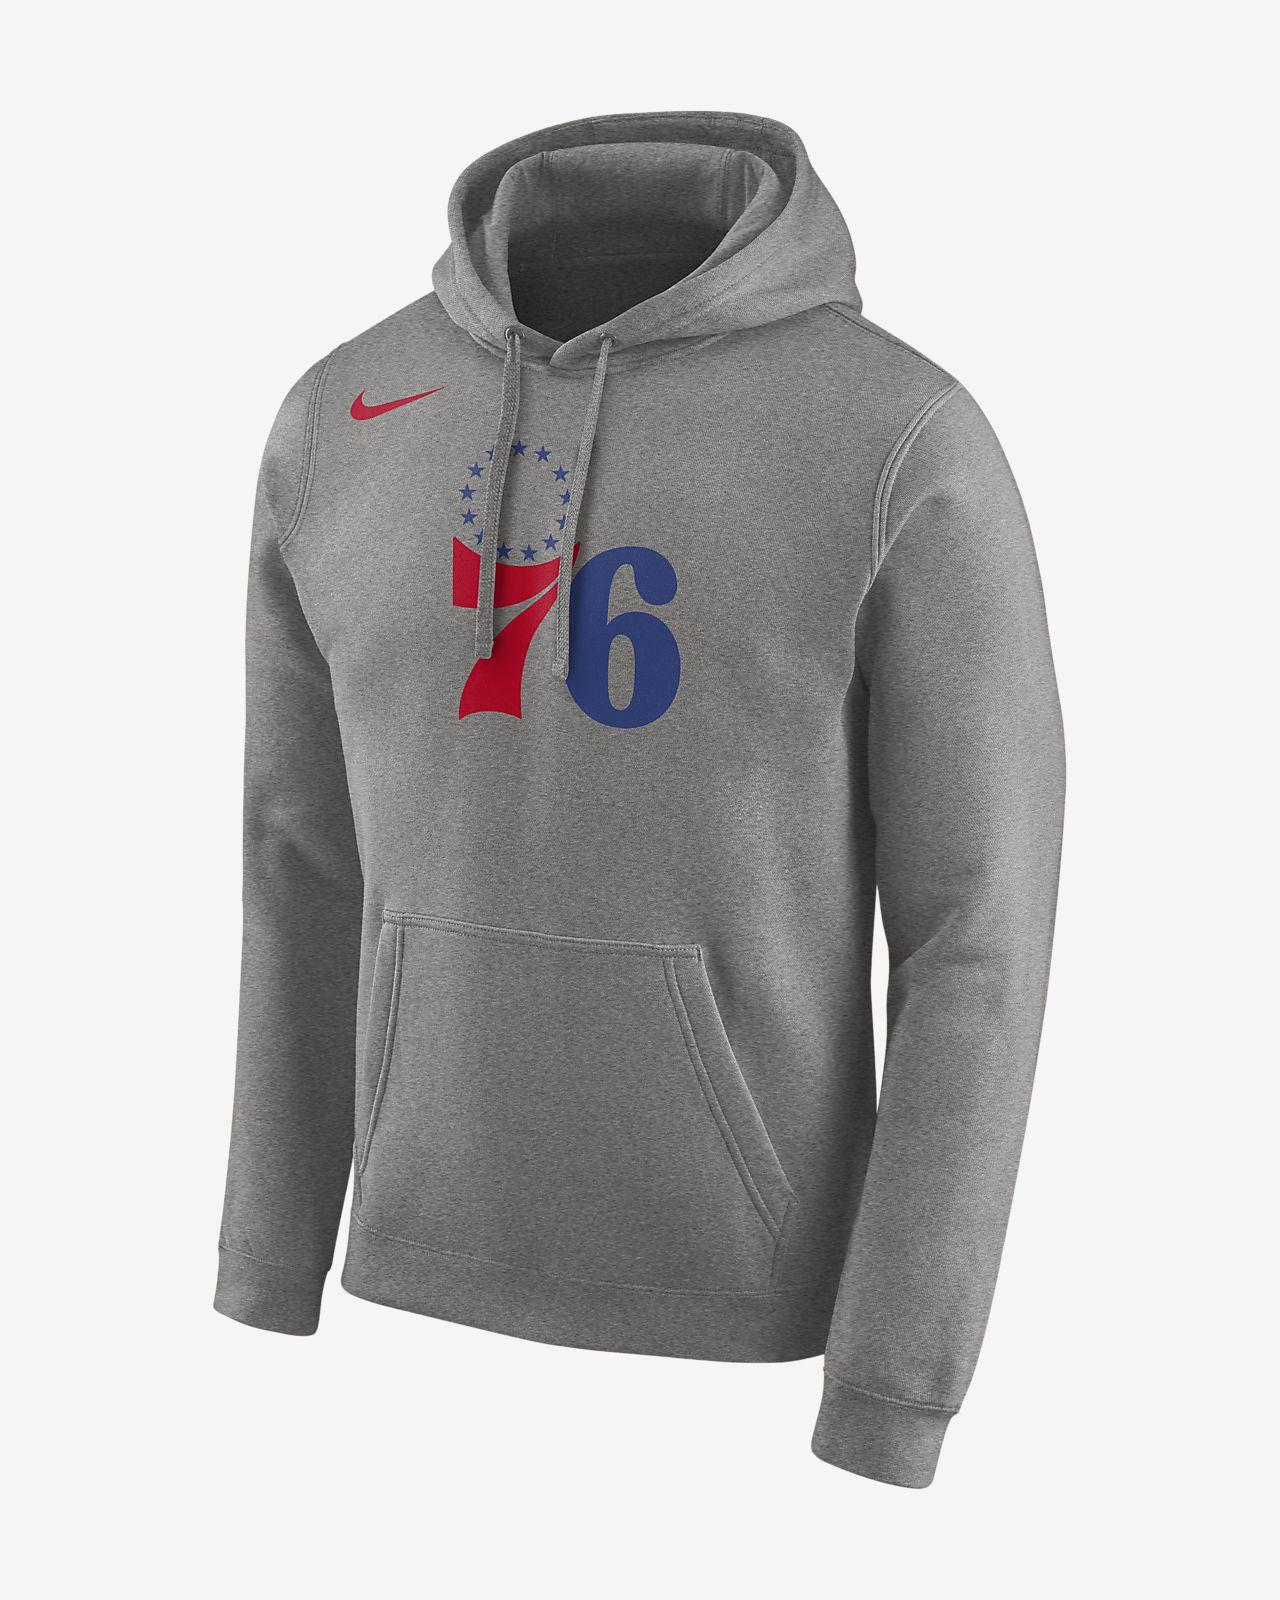 Sudadera con capucha de la NBA con logotipo Philadelphia 76ers Nike para hombre